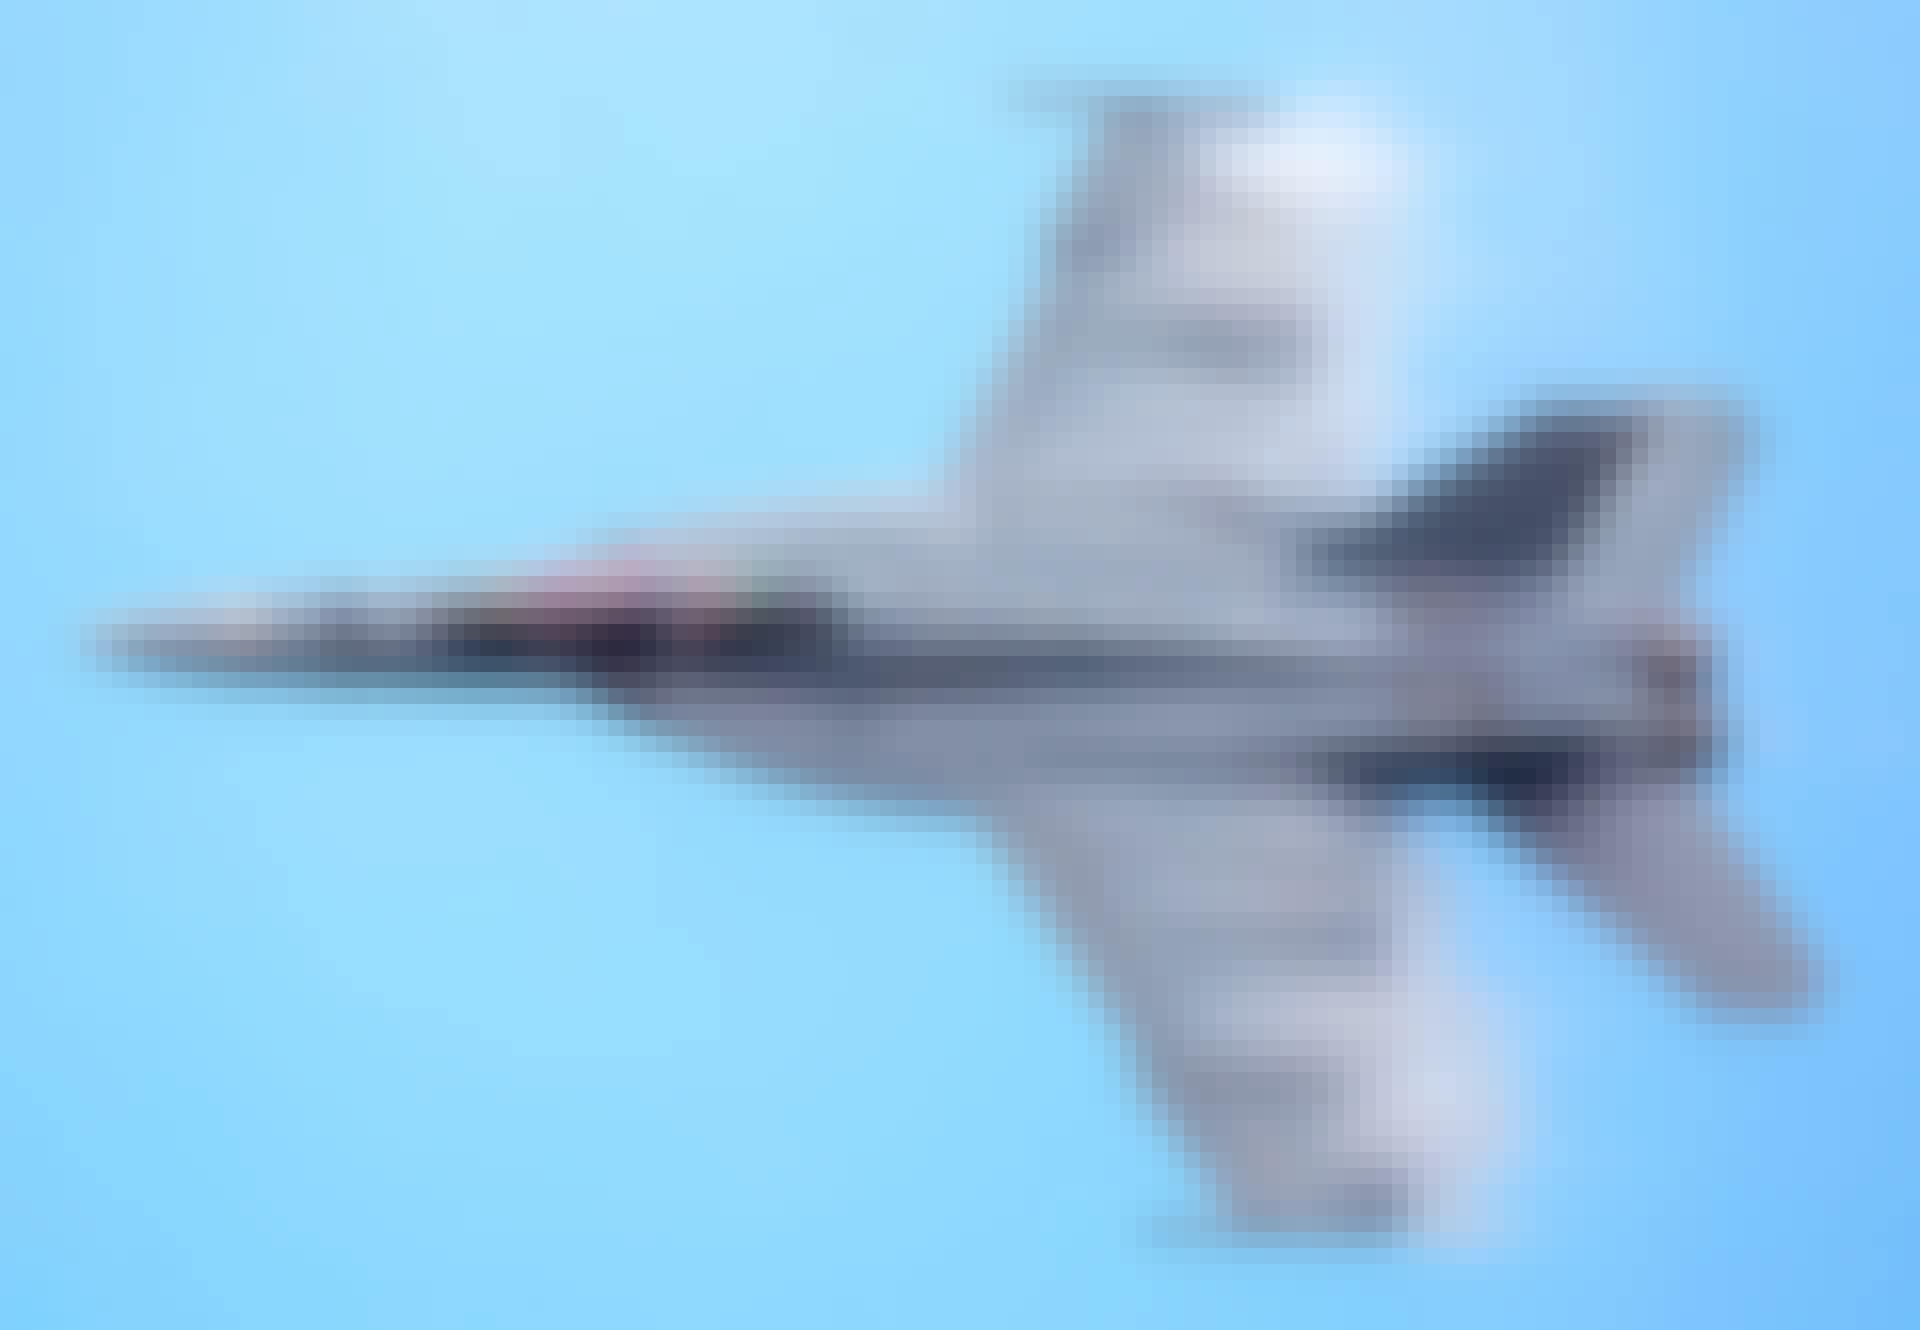 Vliegtuigen kunnen de snelheid van het geluid overschrijden.